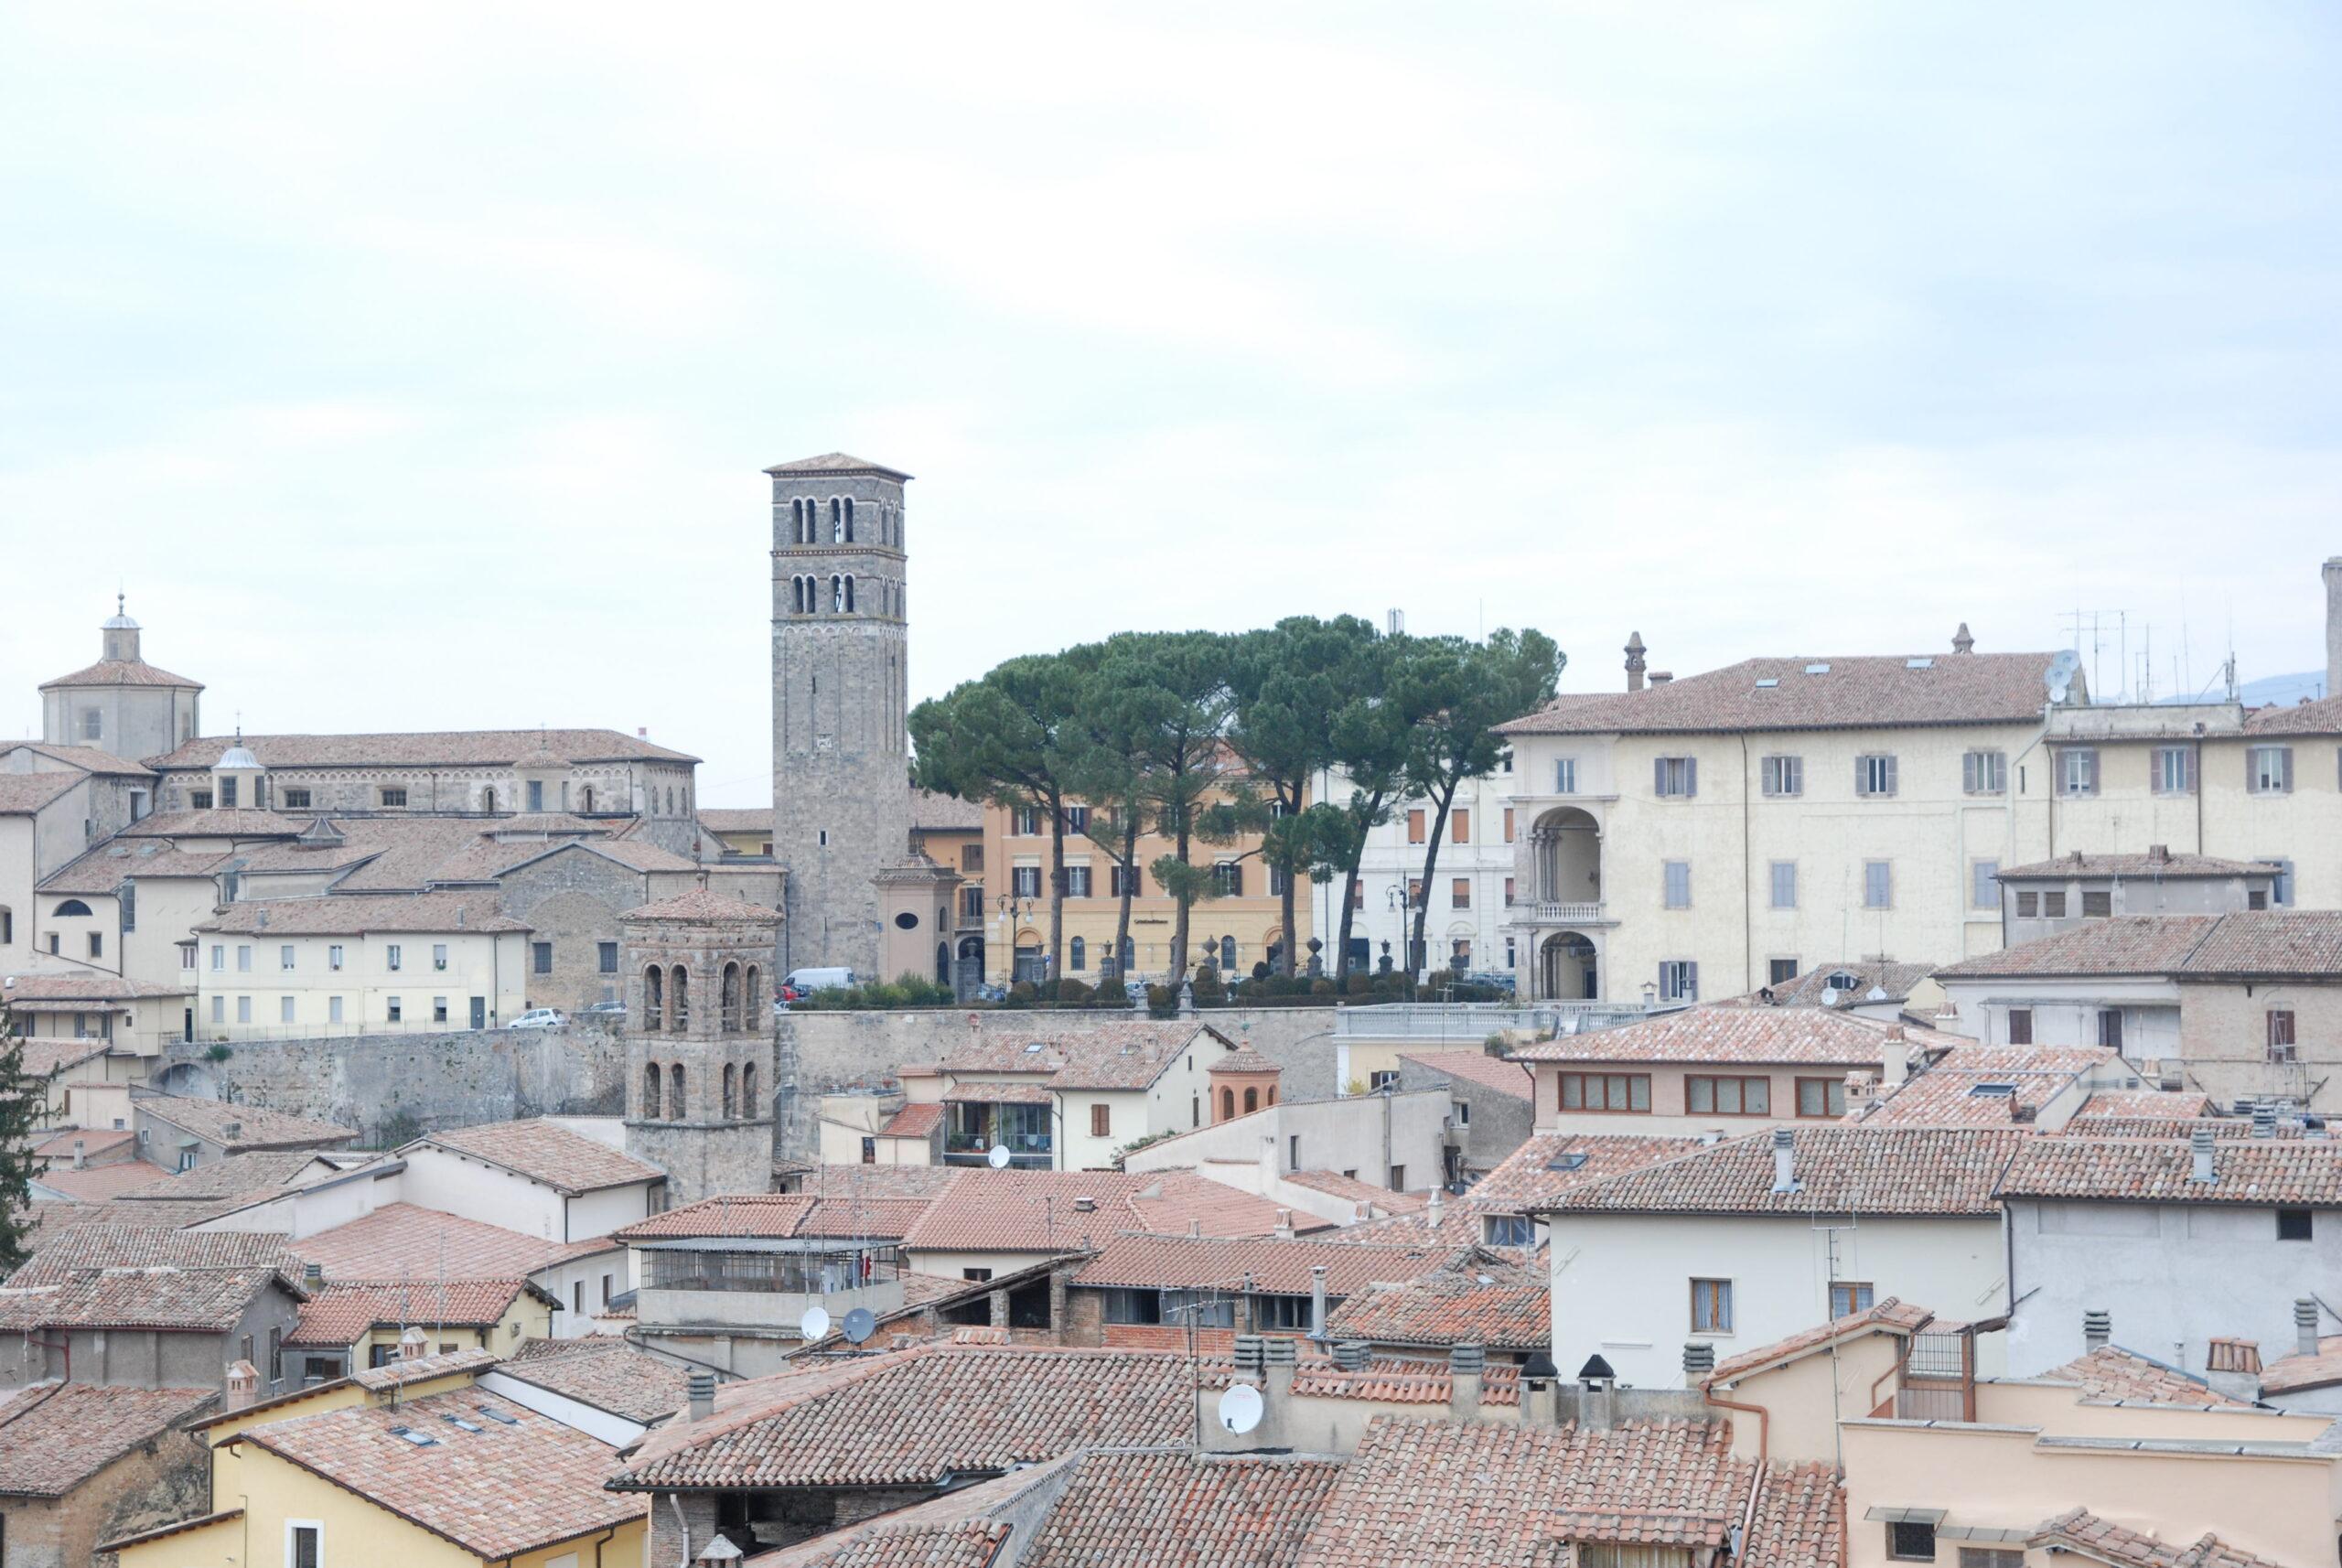 ATER, Casciani e Fiorenza: urge la convocazione del cda